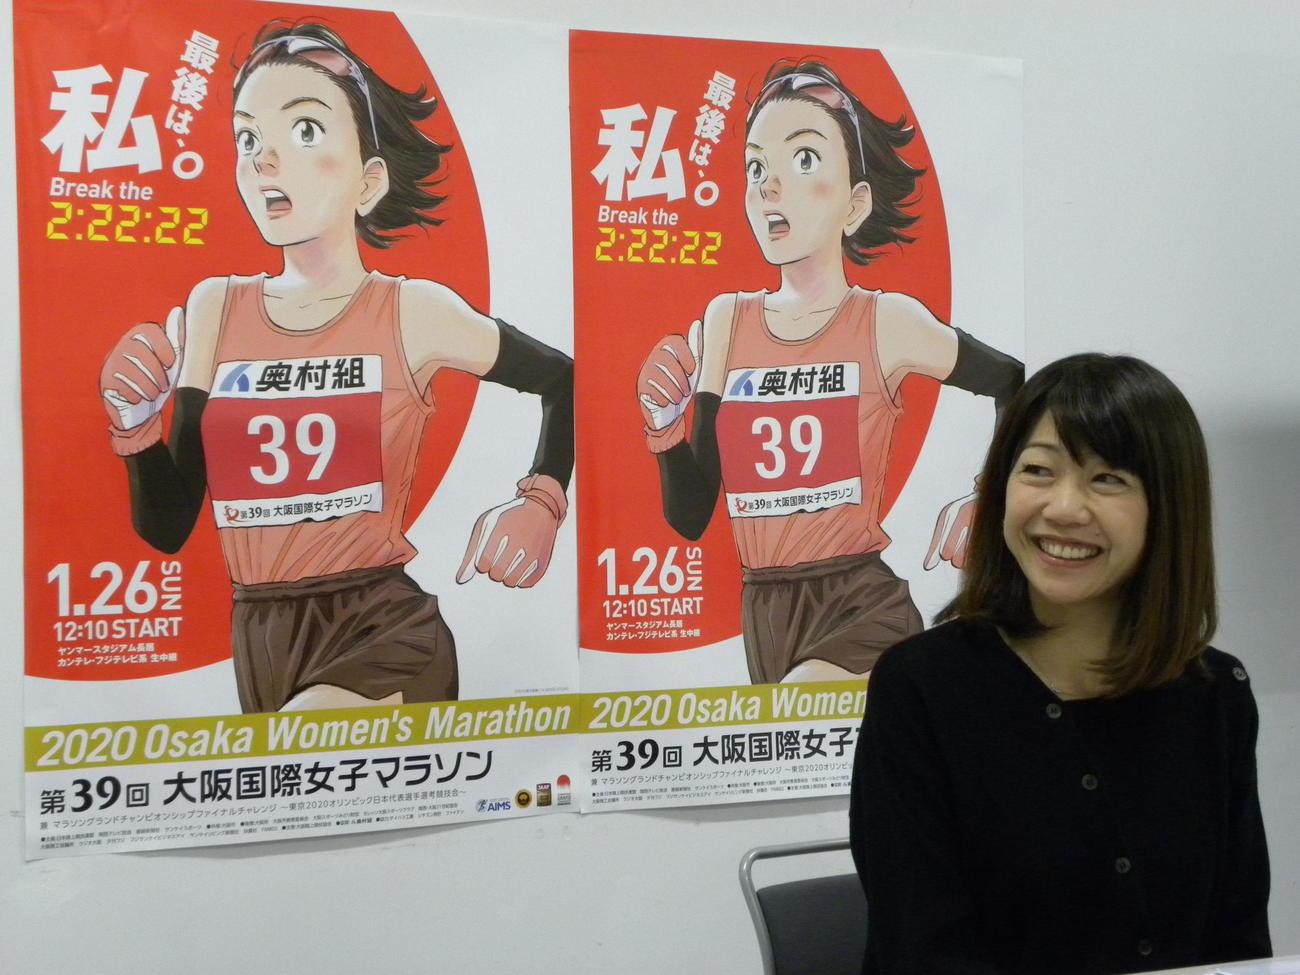 大阪国際女子マラソンの見どころを説明する高橋尚子さん(撮影・松本航)